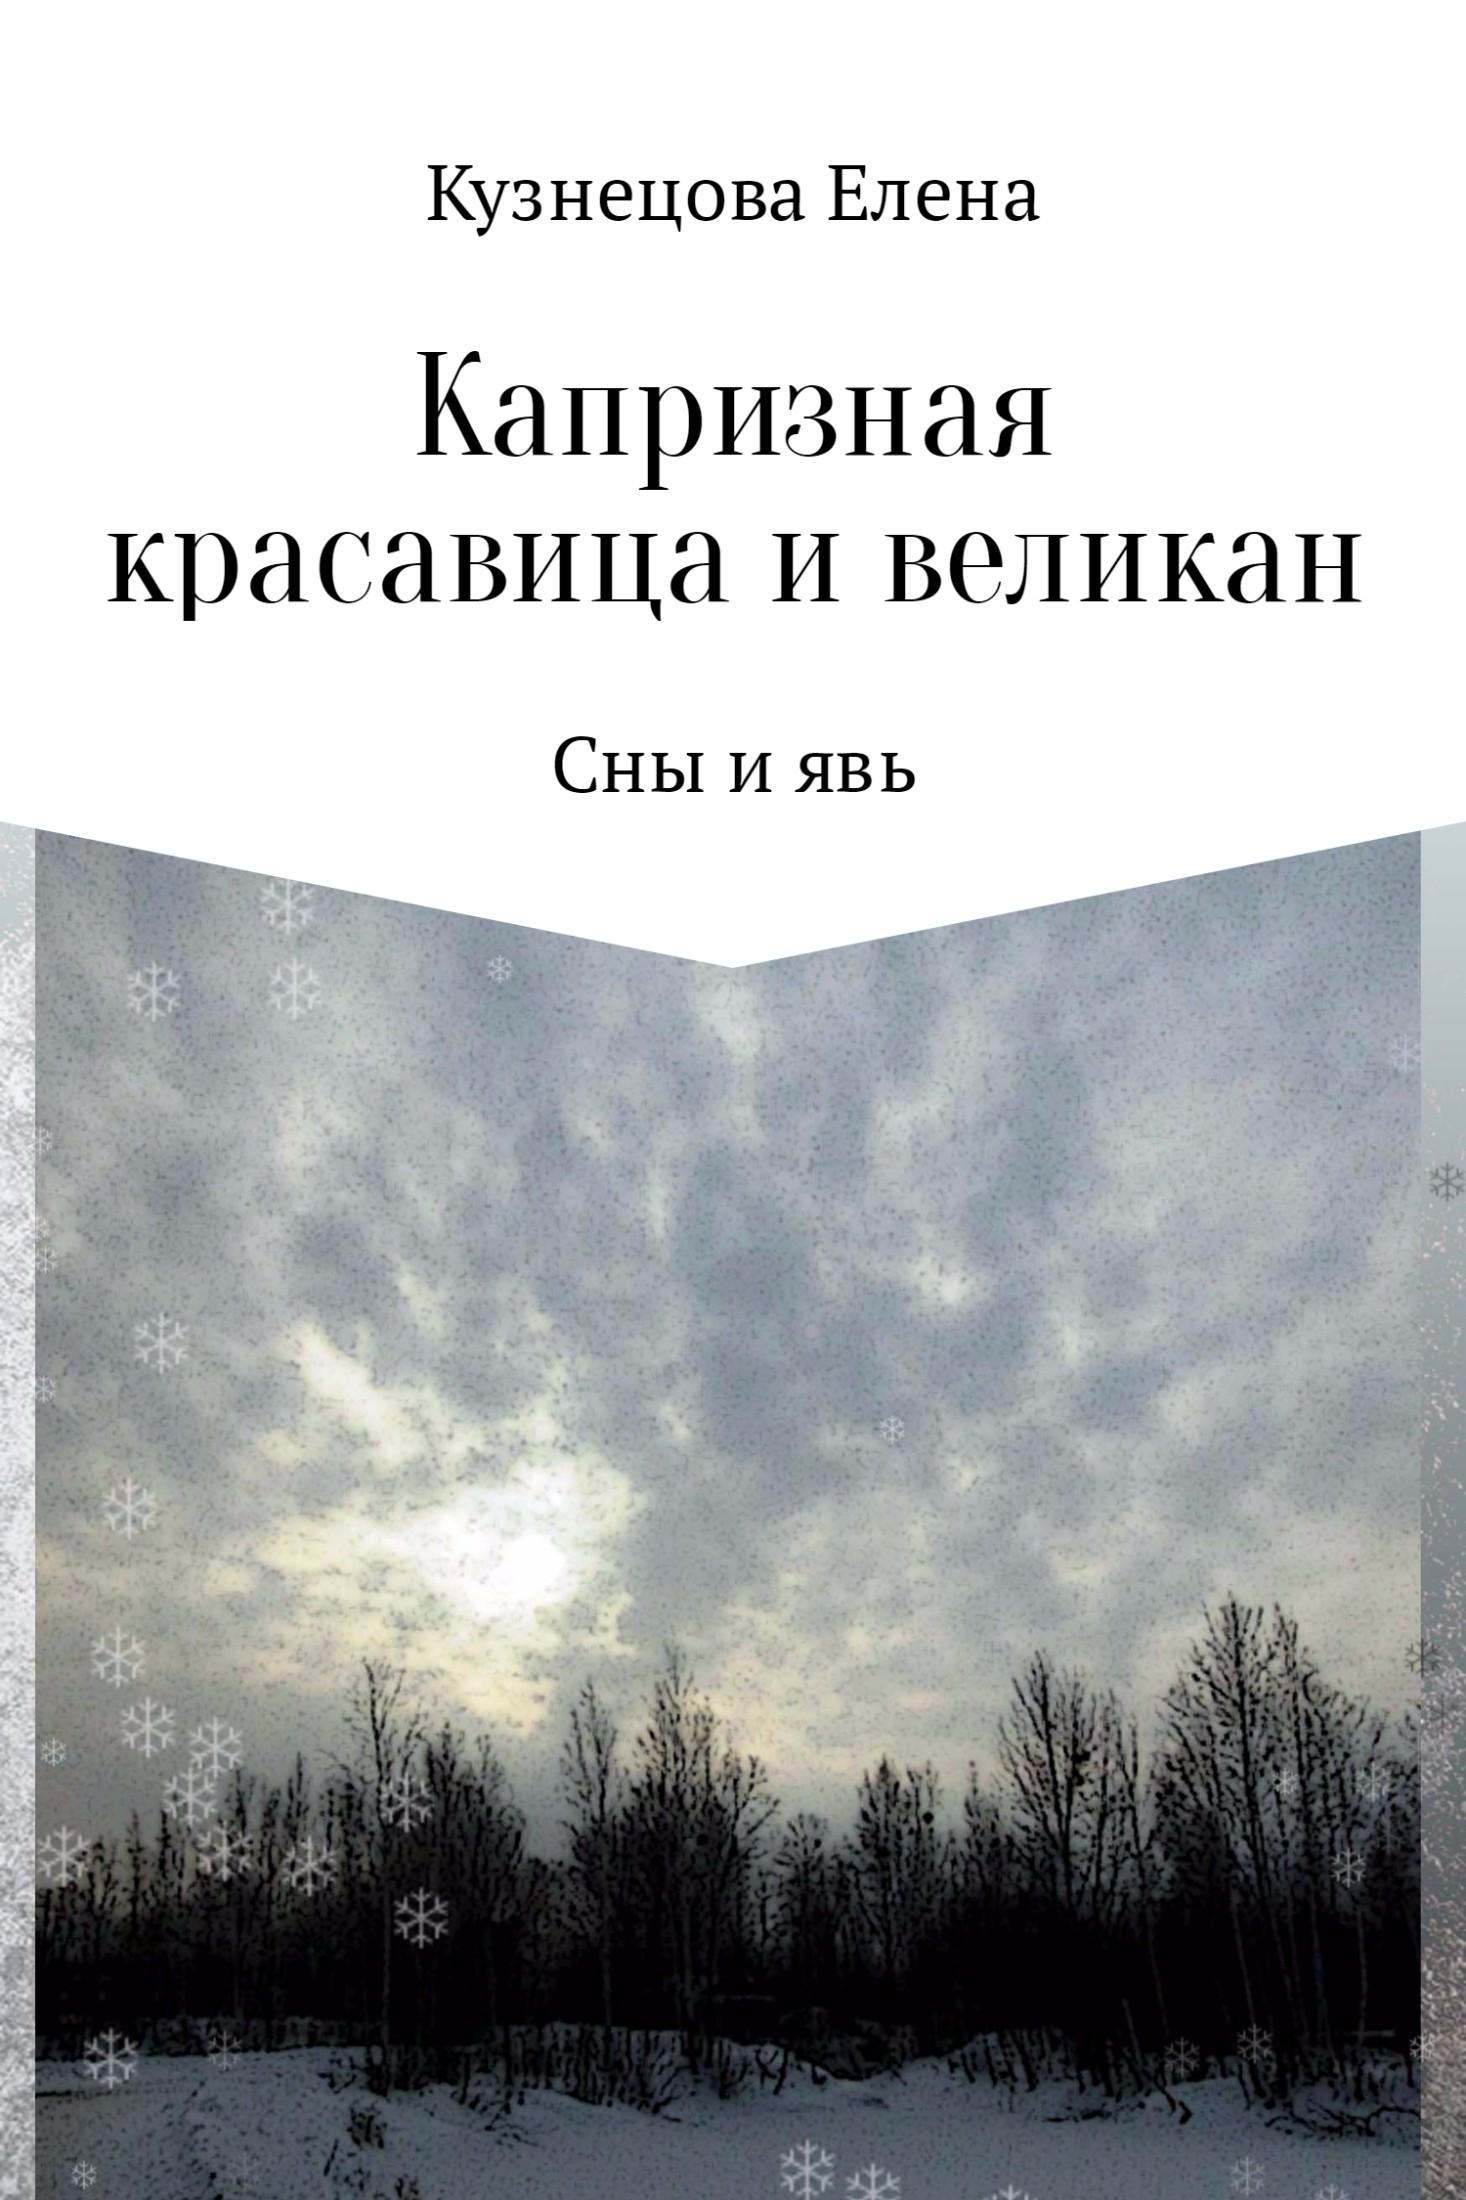 Елена Алексеевна Кузнецова бесплатно